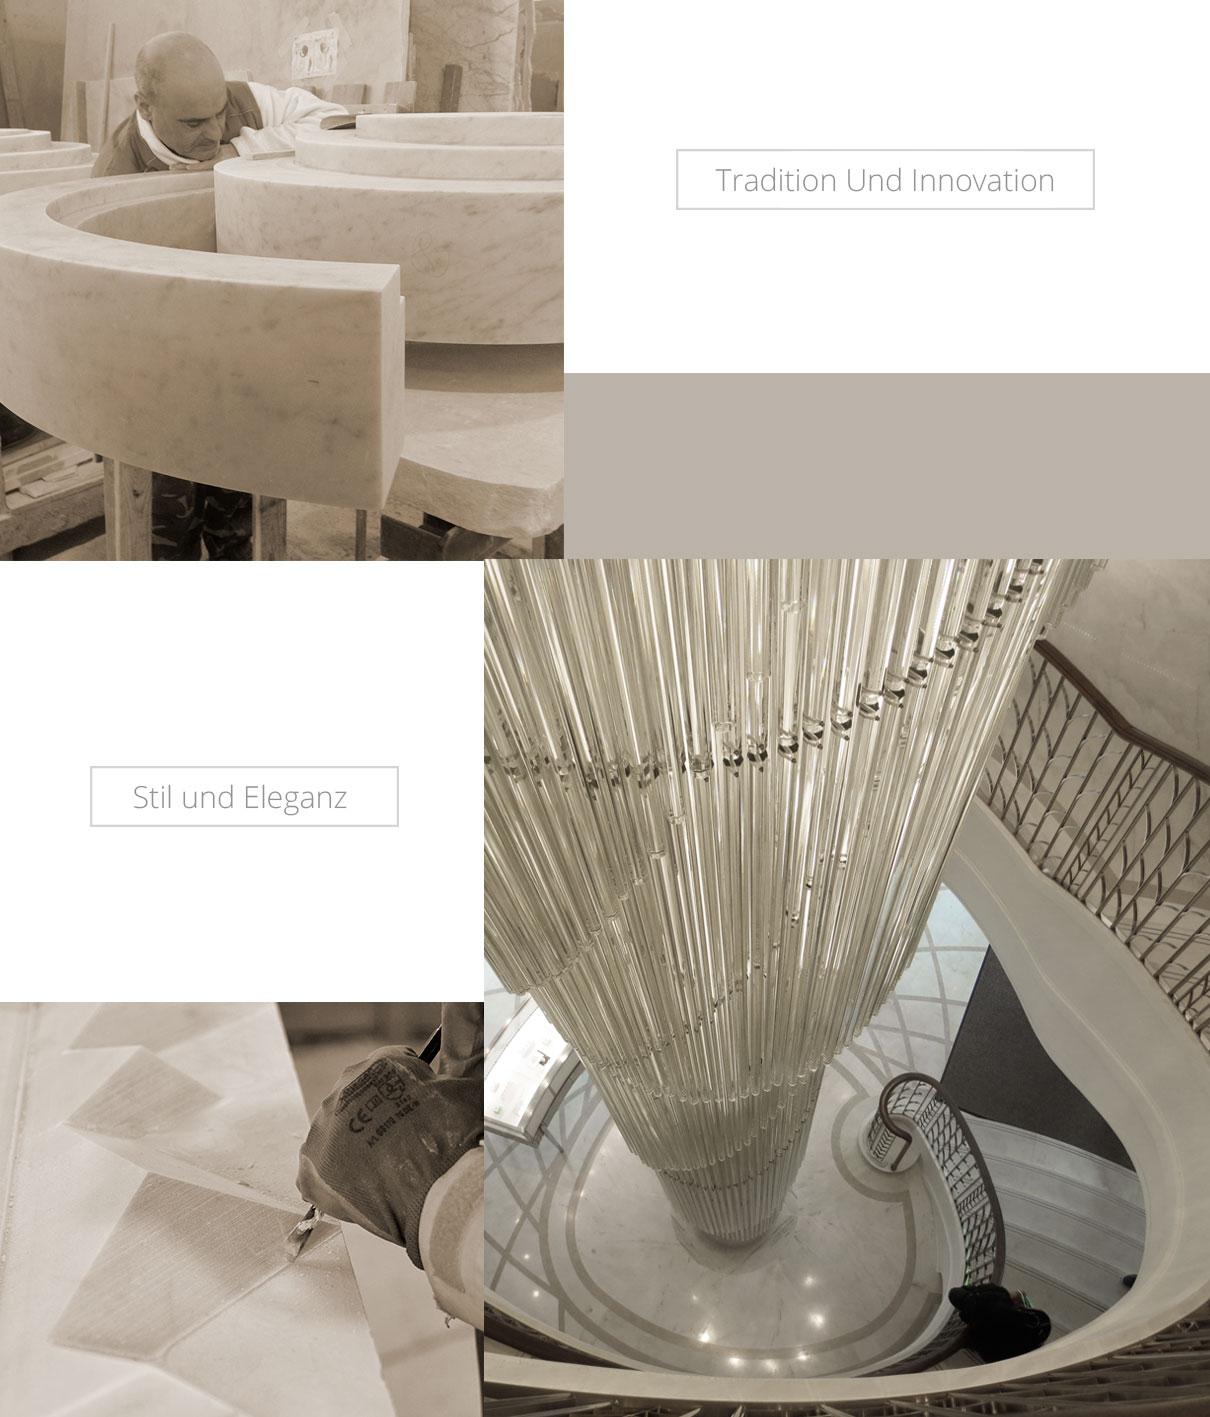 Tradition Und Innovation - Stil und Eleganz